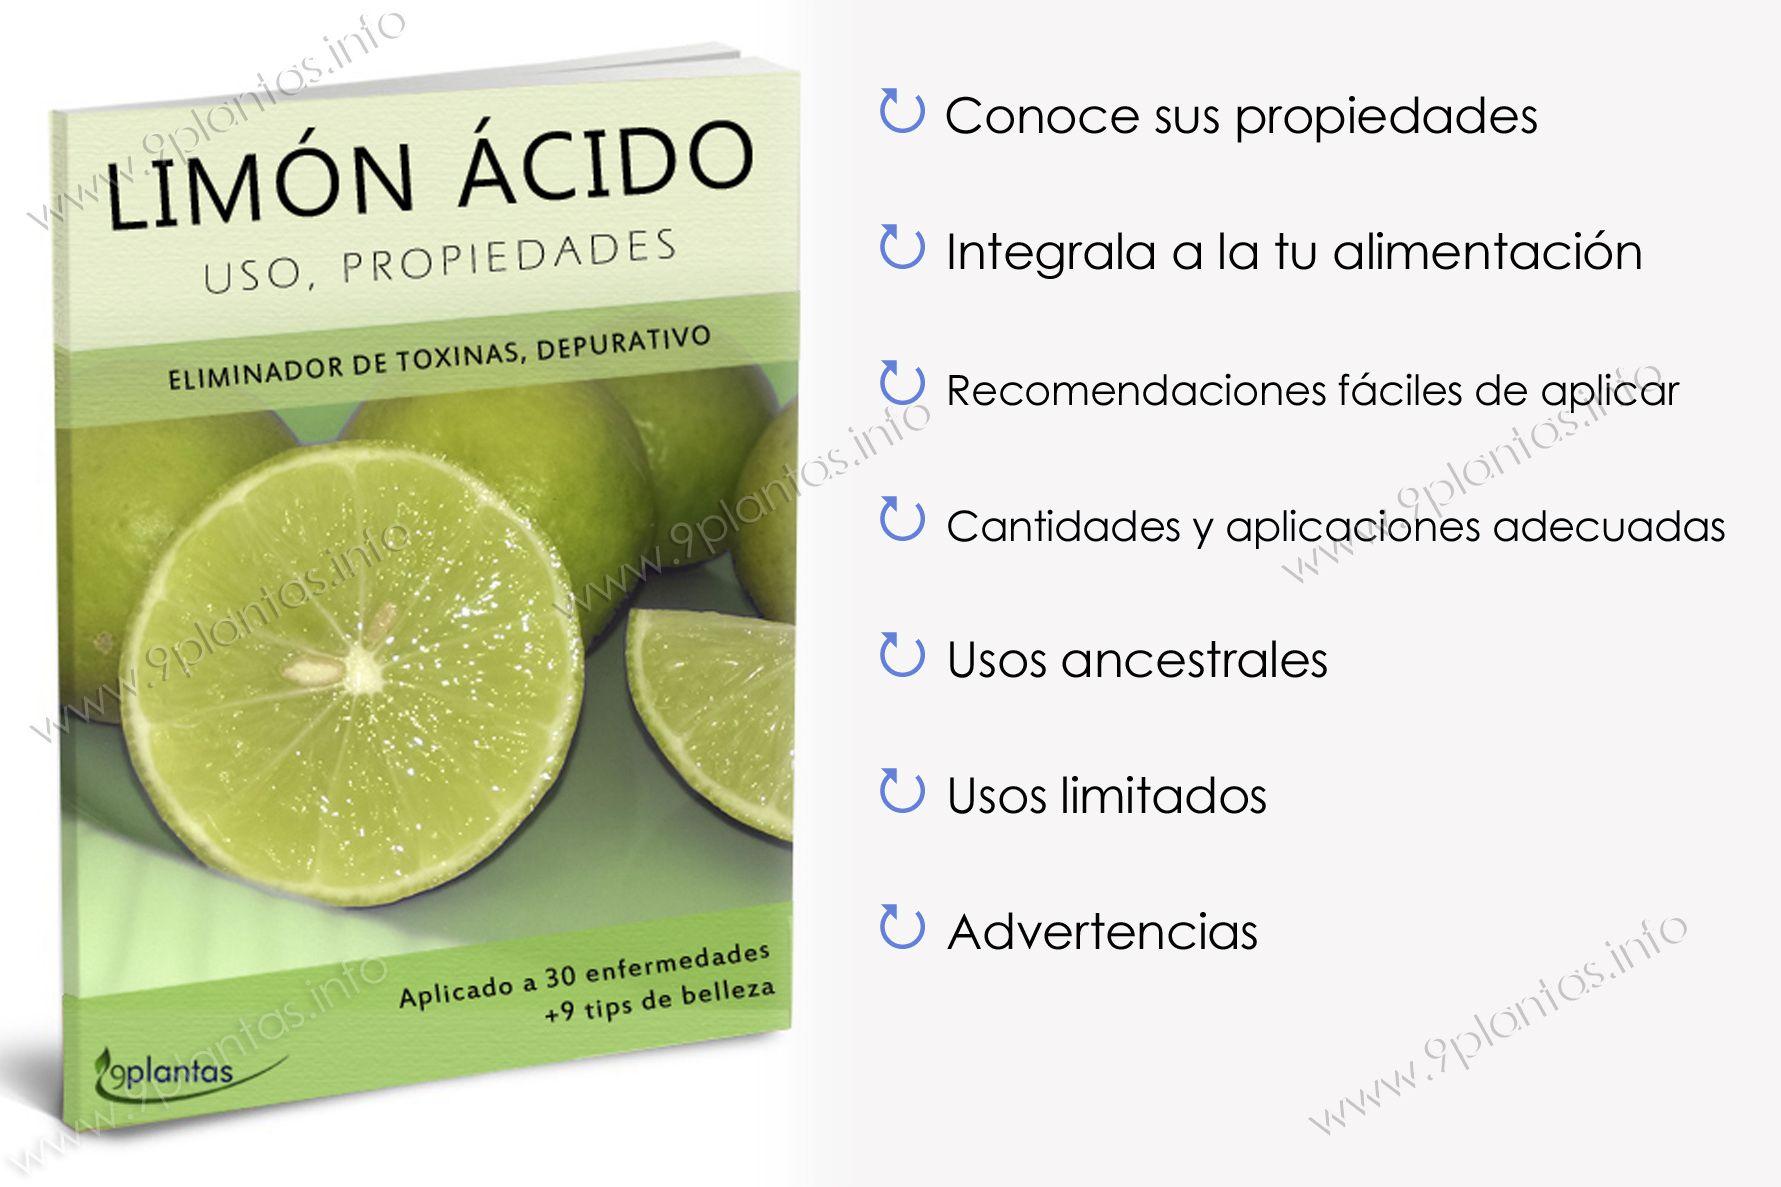 E-book | Limón Ácido, Aplicado en 30 Enfermedades